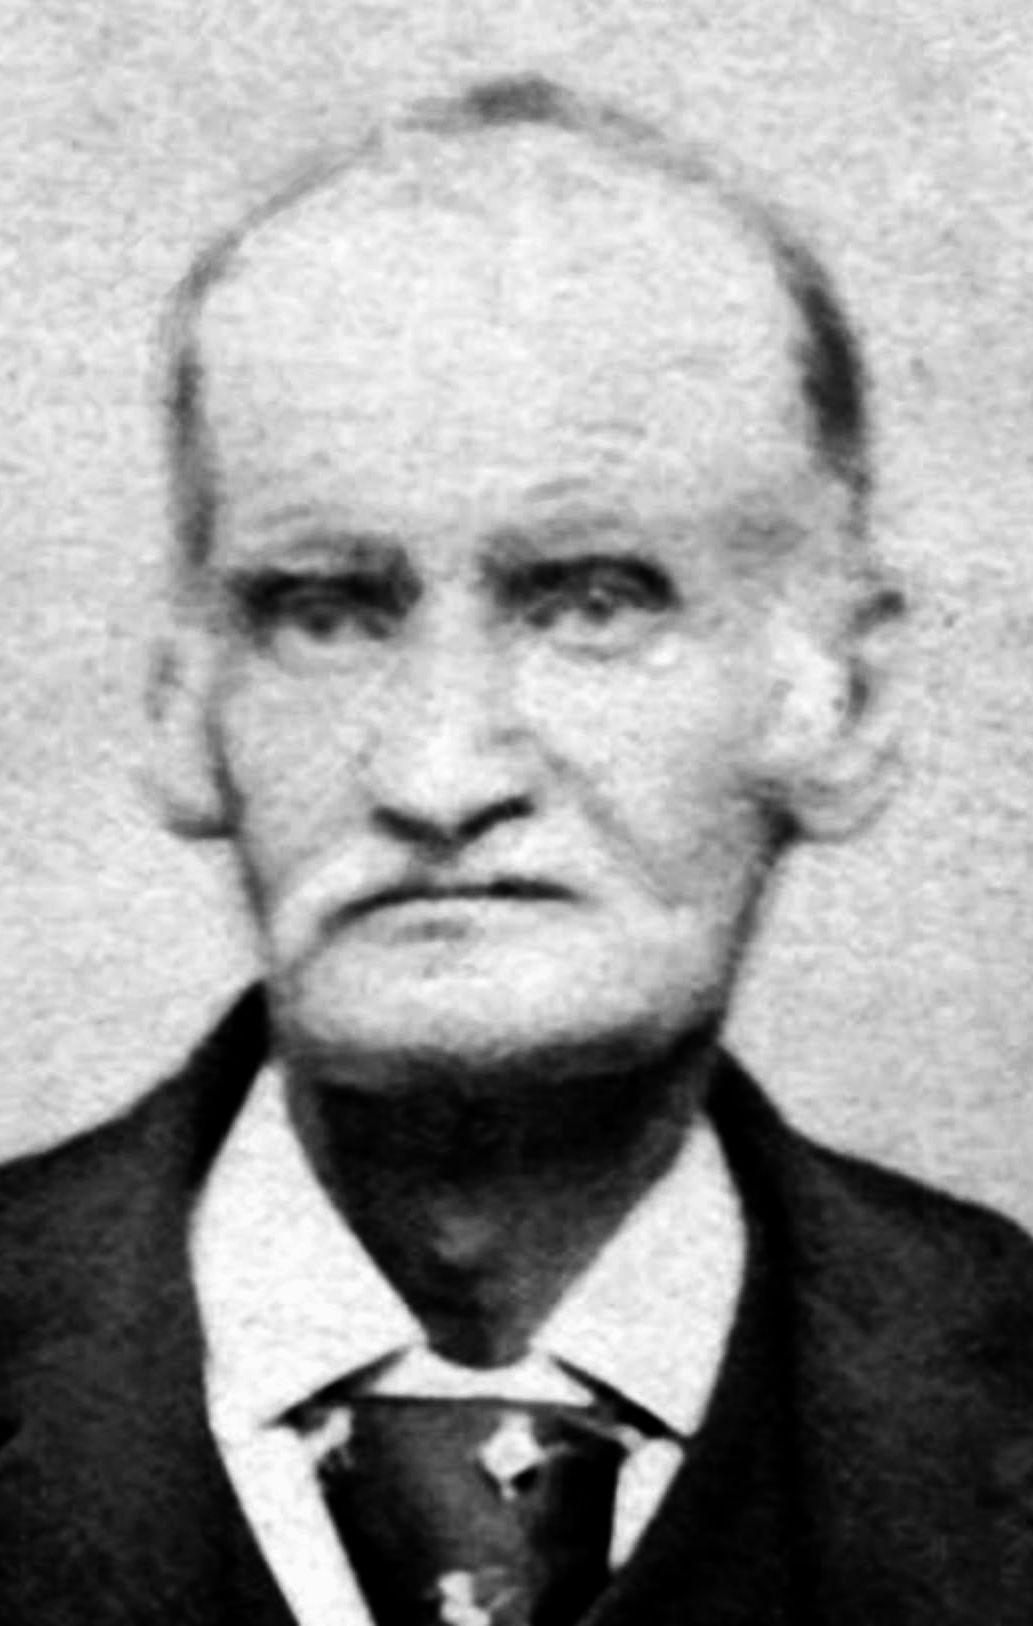 Allen, William Wilford